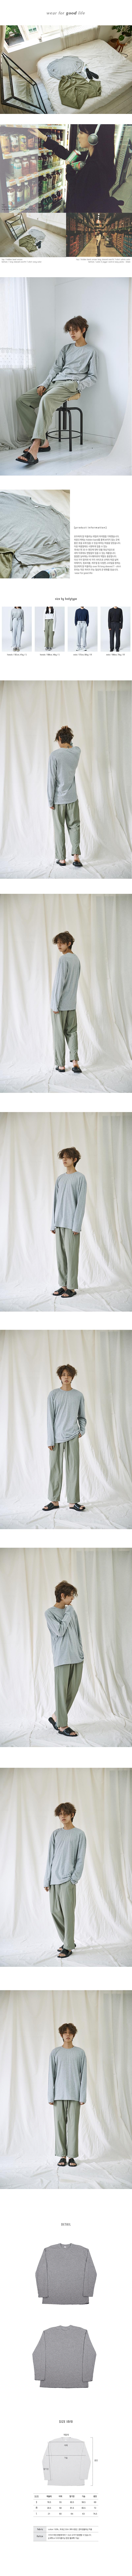 [자토] 히든밴드 (목늘어남방지) 유니섹스 오버핏 긴팔티 - gray